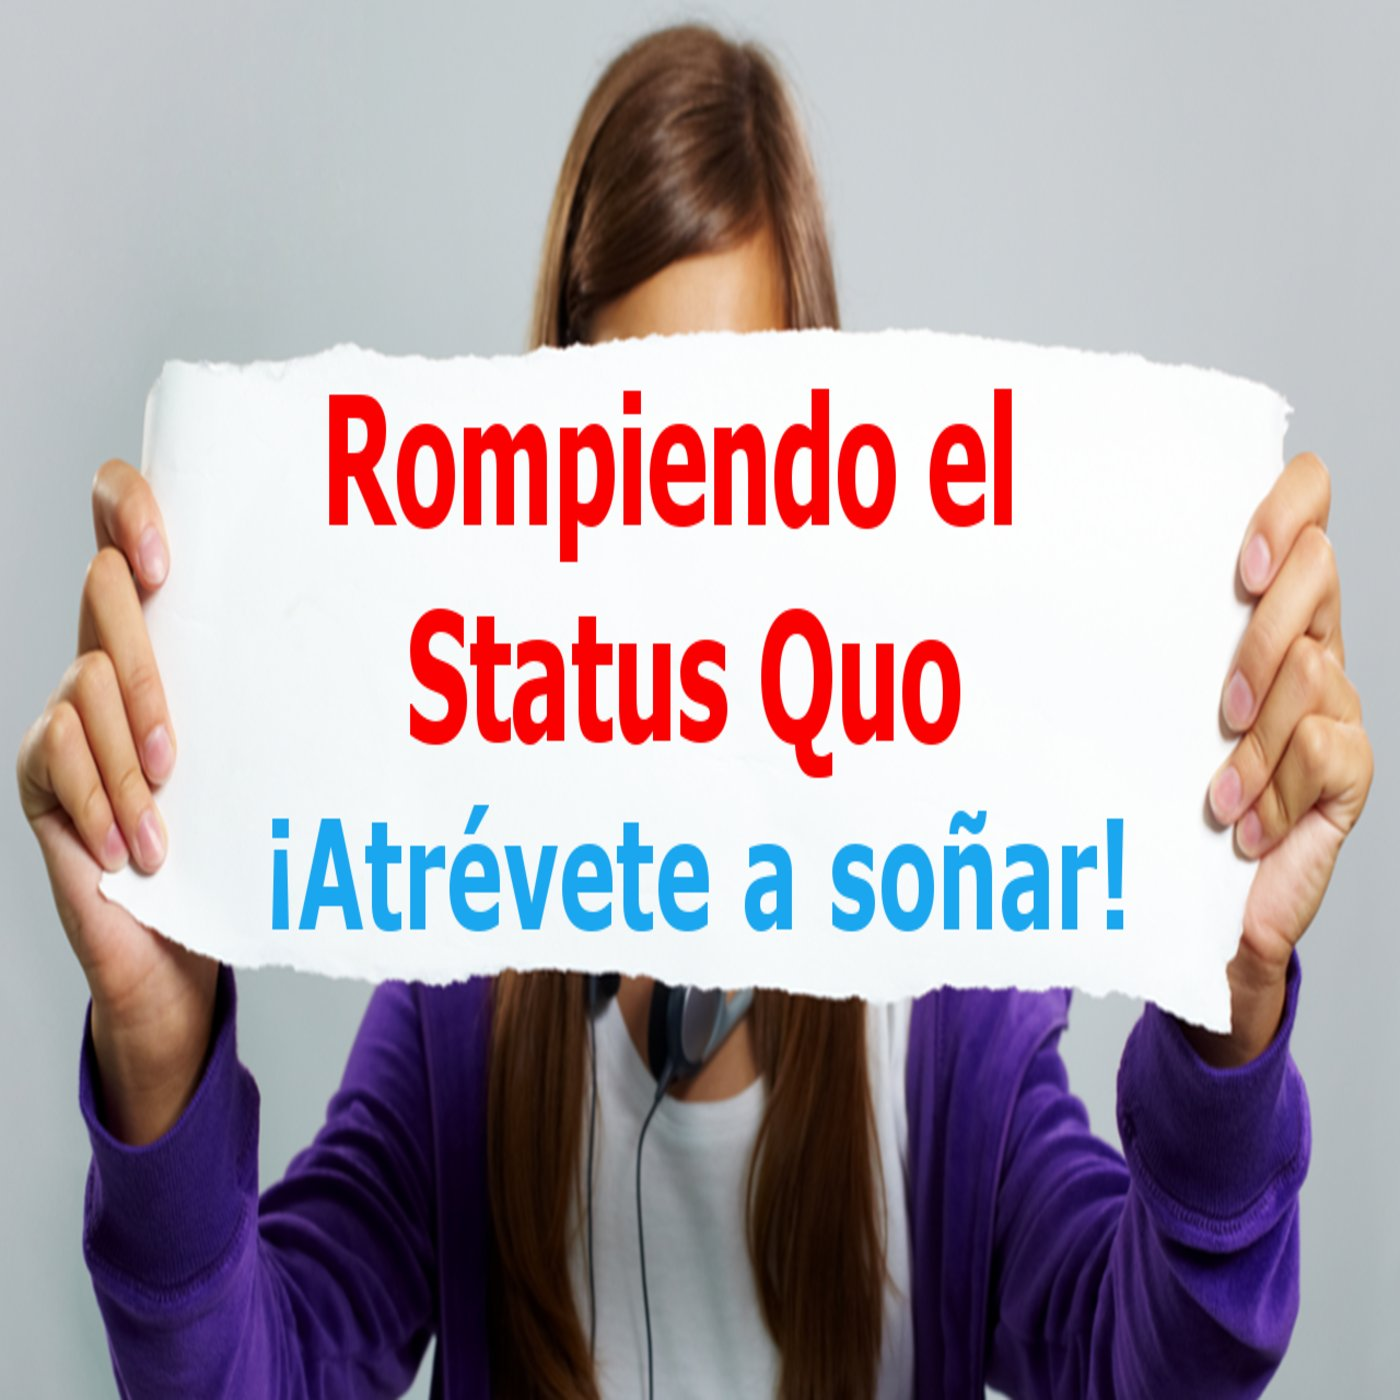 <![CDATA[Rompiendo el Status Quo]]>